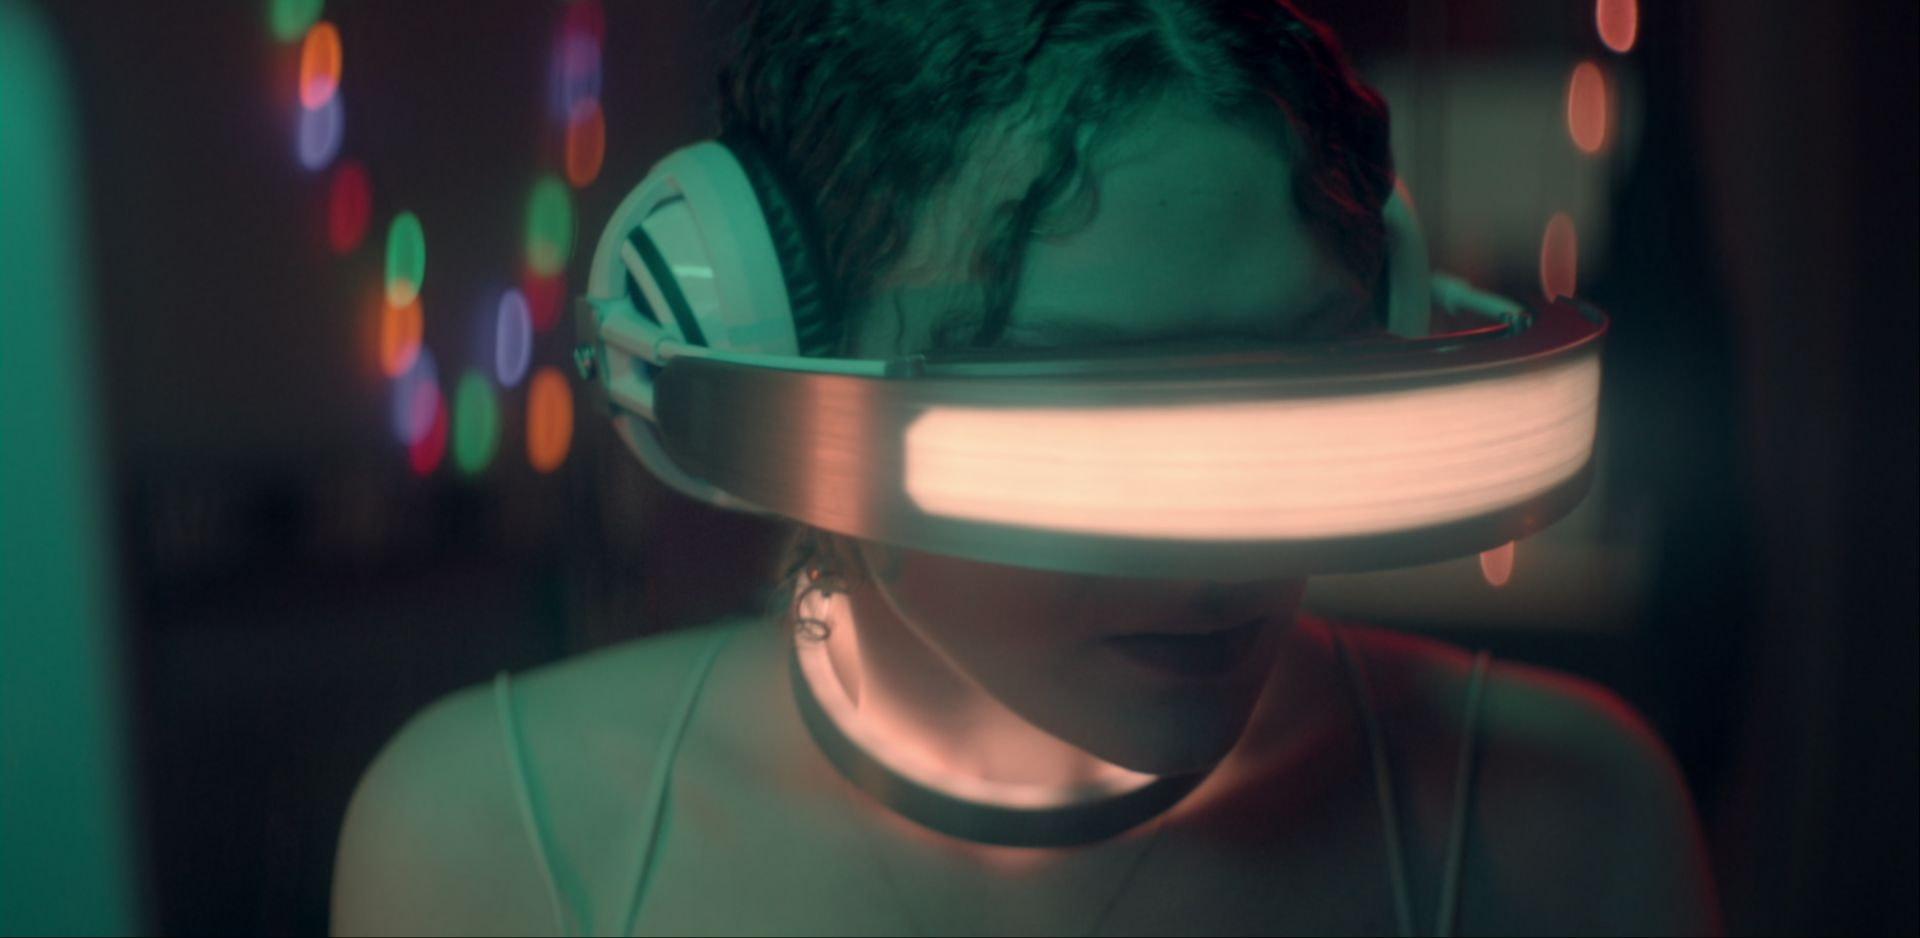 what does virtual kiss mean